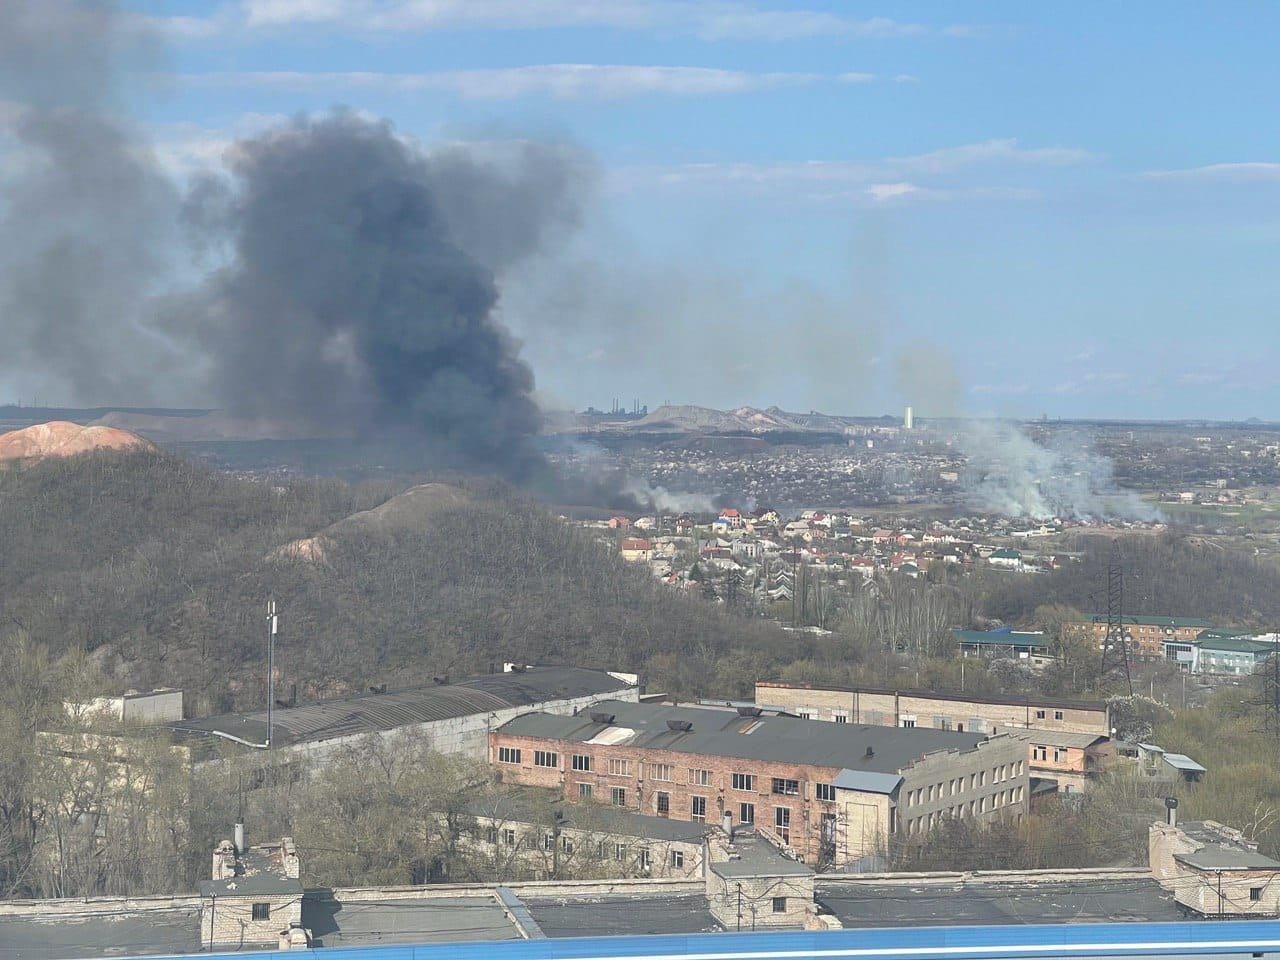 Большой пожар в Донецке: клубы дыма было видно из центра города, - ФОТО, фото-2